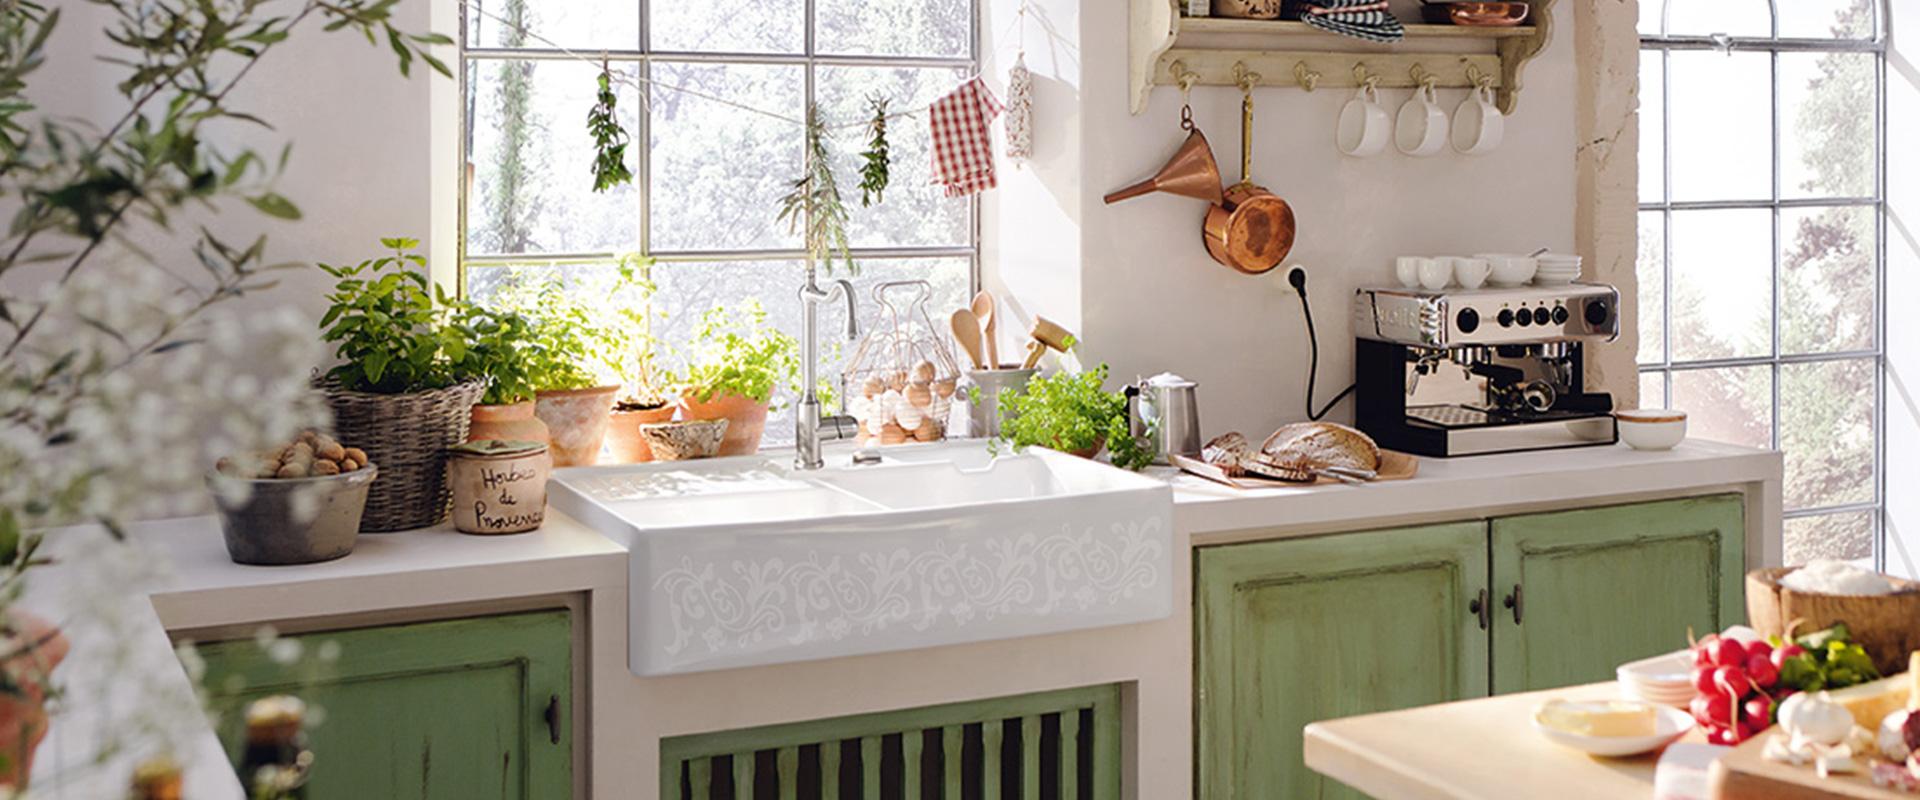 Stunning Lavelli Ceramica Per Cucina Images - Ideas & Design 2017 ...